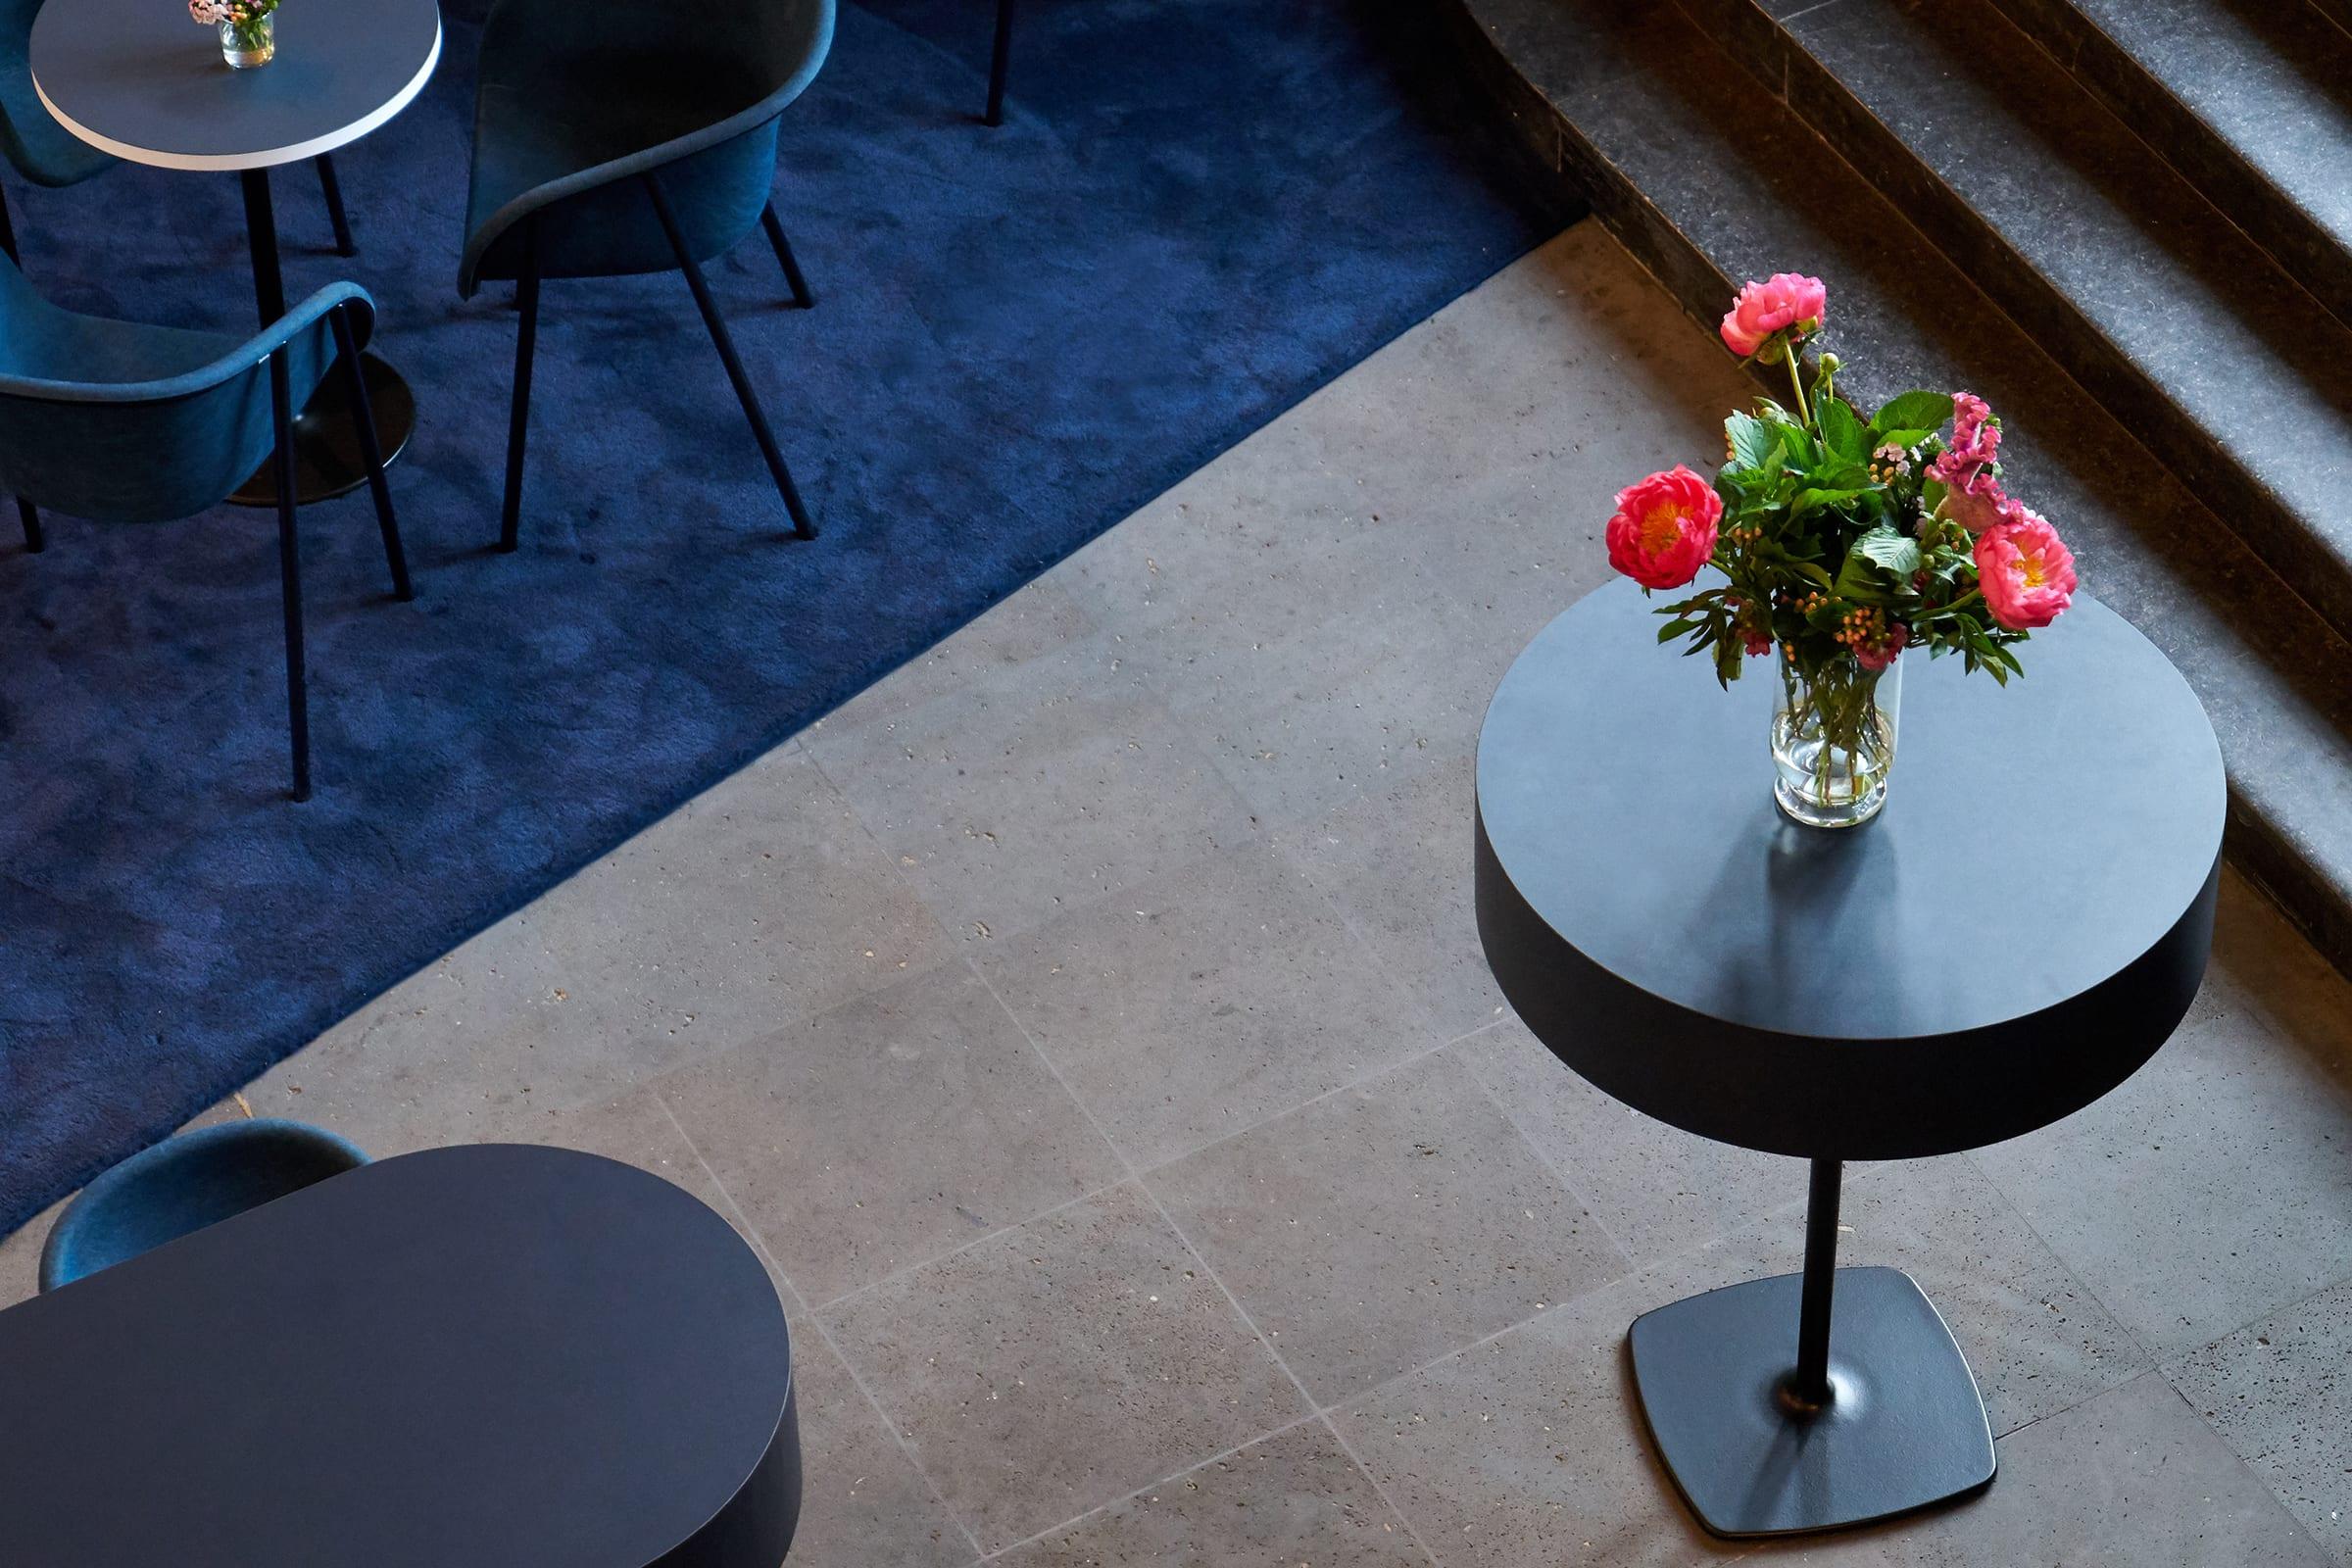 NRW Forum, Düsseldorf, PONG NRW, Interior Design, Studio Mo, Restaurant Branding, Identity Design